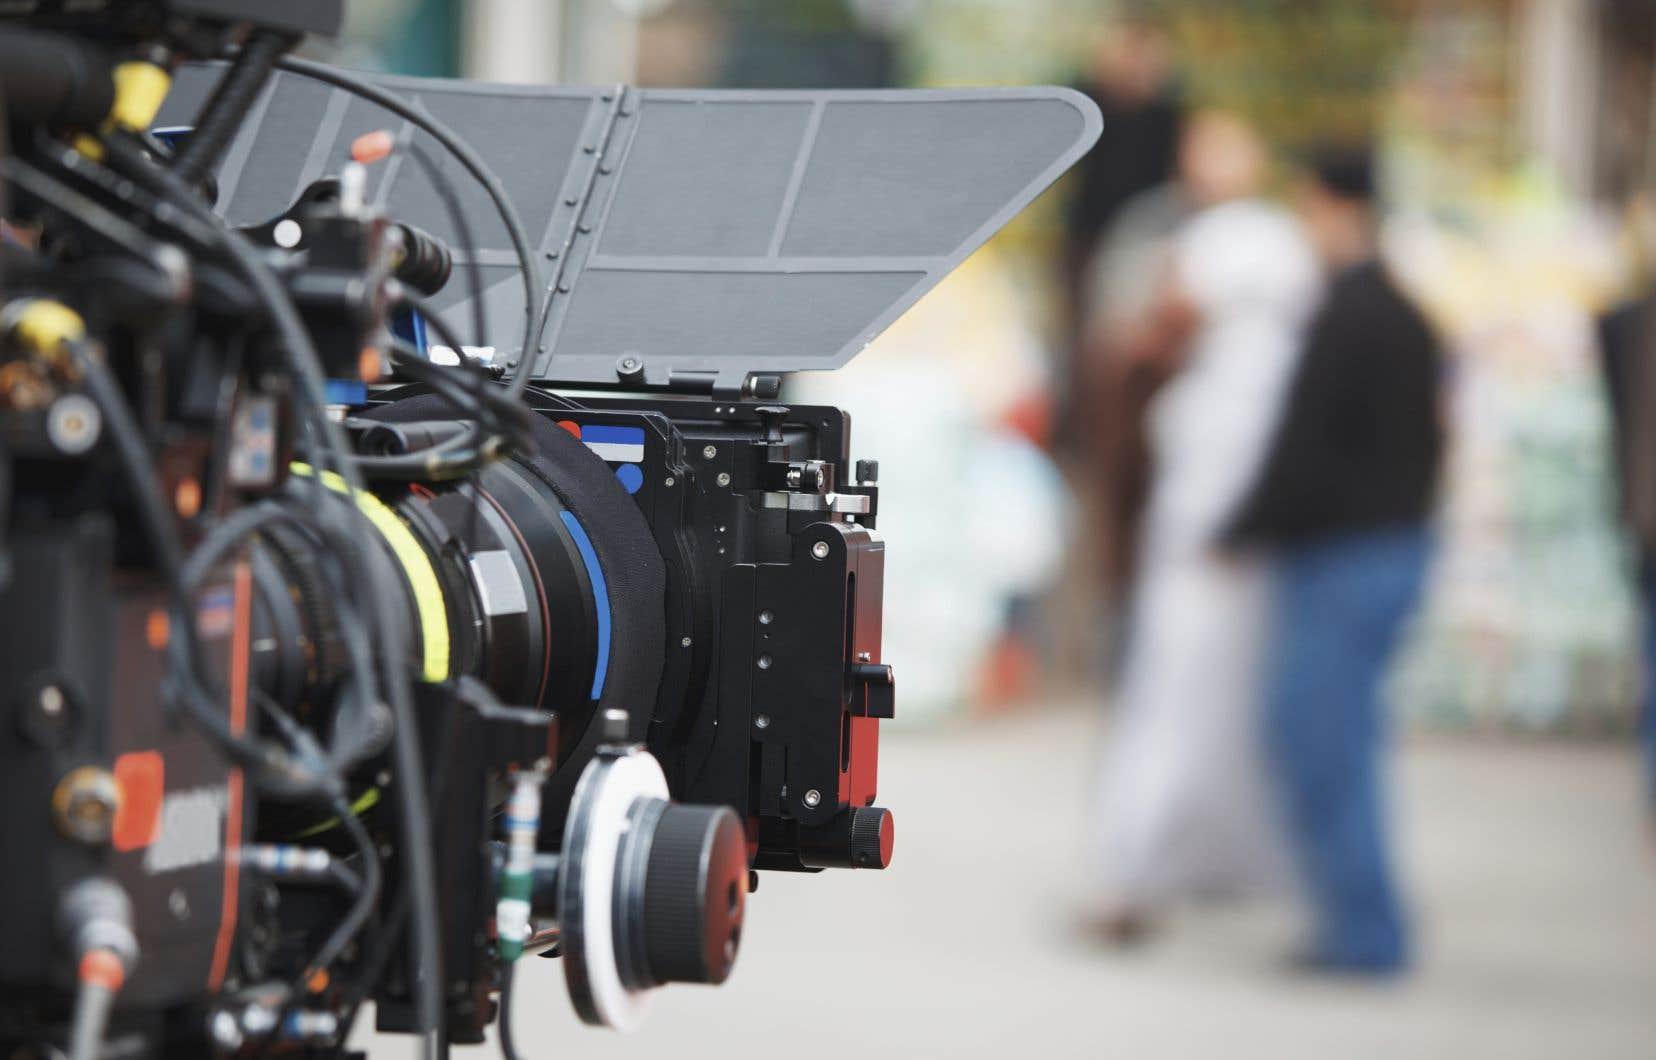 «Le grand désavantage des productions audiovisuelles, par rapport à d'autres secteurs, est le fait que leurs activités sont filmées et visibles aux yeux de tous. Nous devons donc montrer patte blanche», rappellent les auteurs.